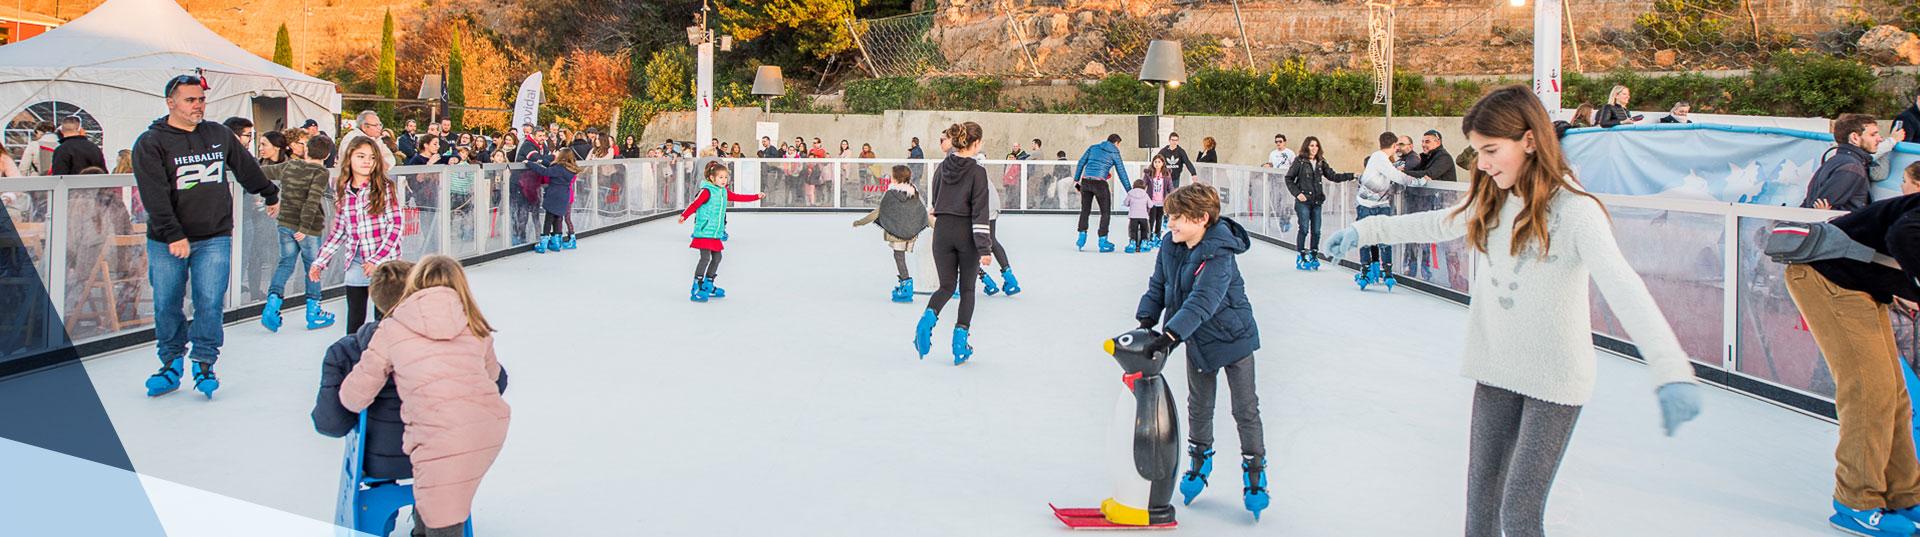 Pista de patinaje sobre hielo sintético para ocio